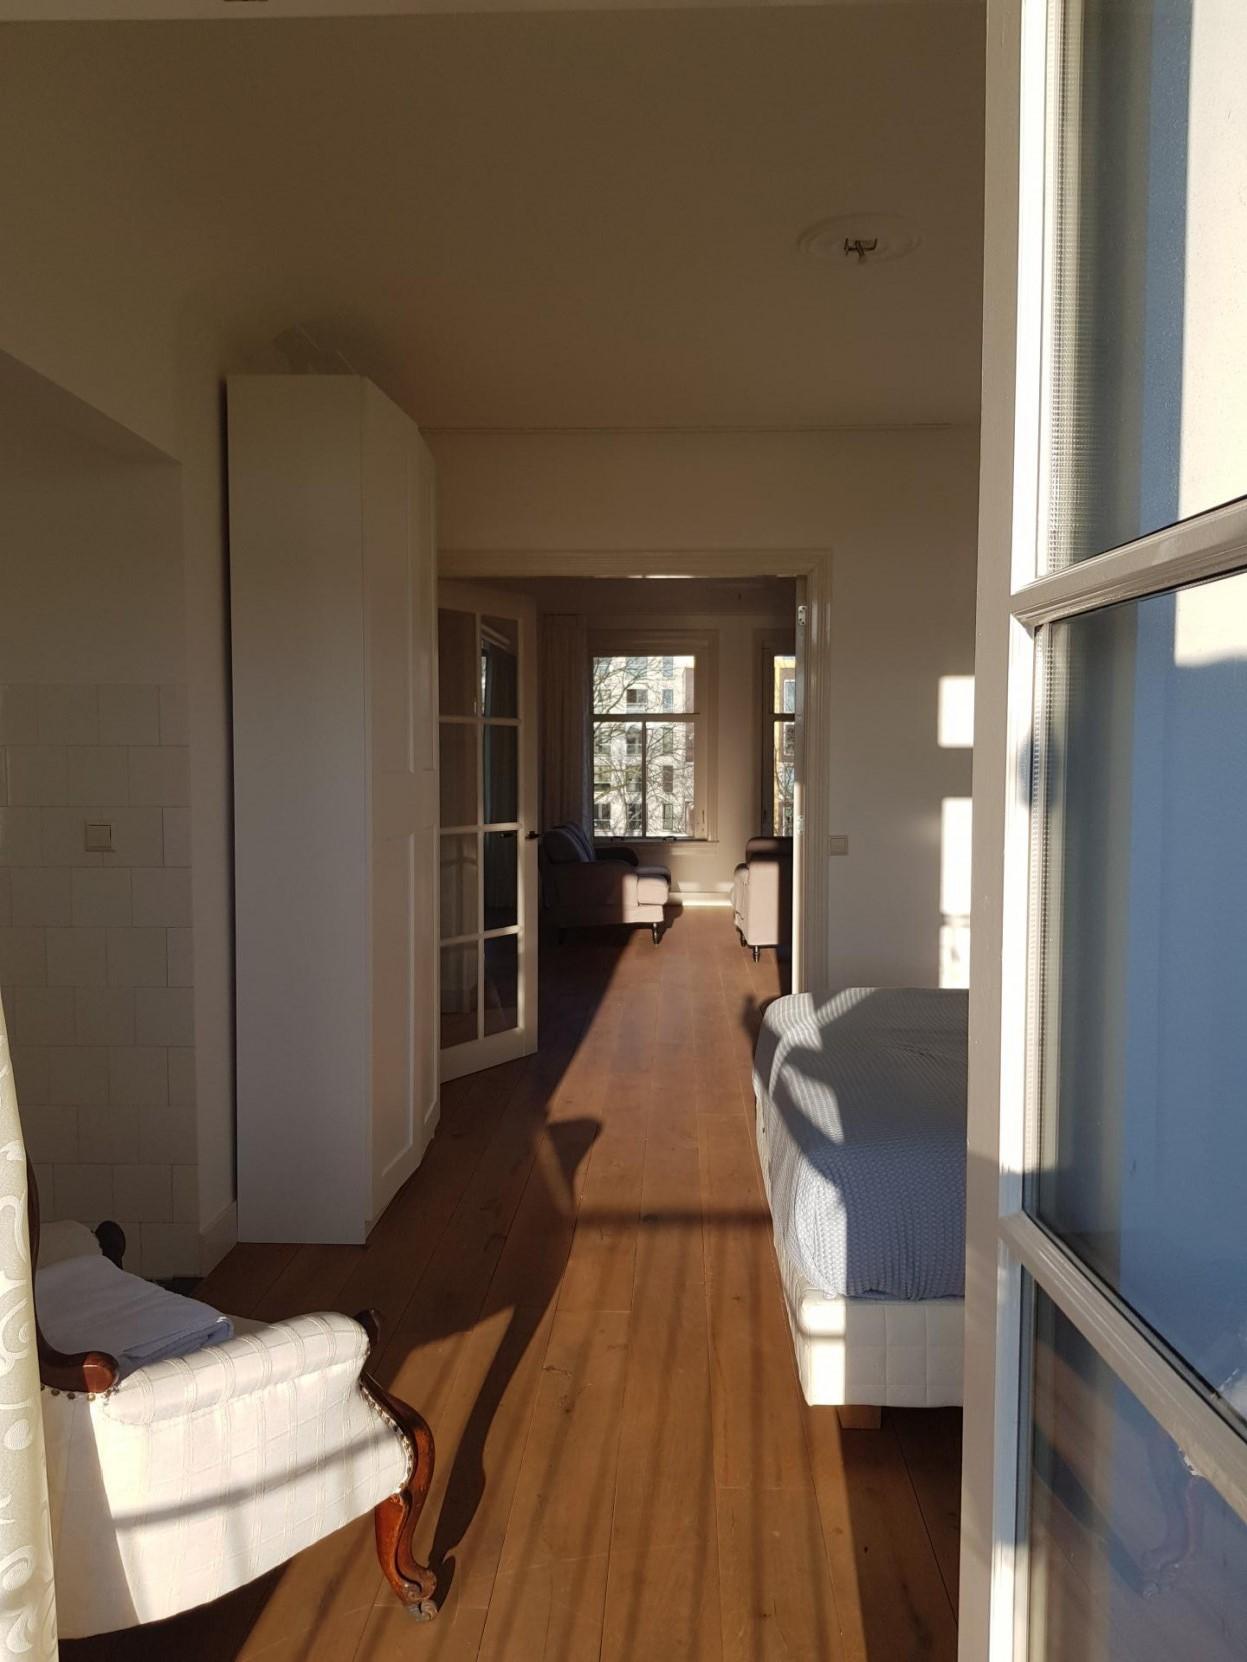 Hall at 21 Haarlemmerplein Apartments, Amsterdam